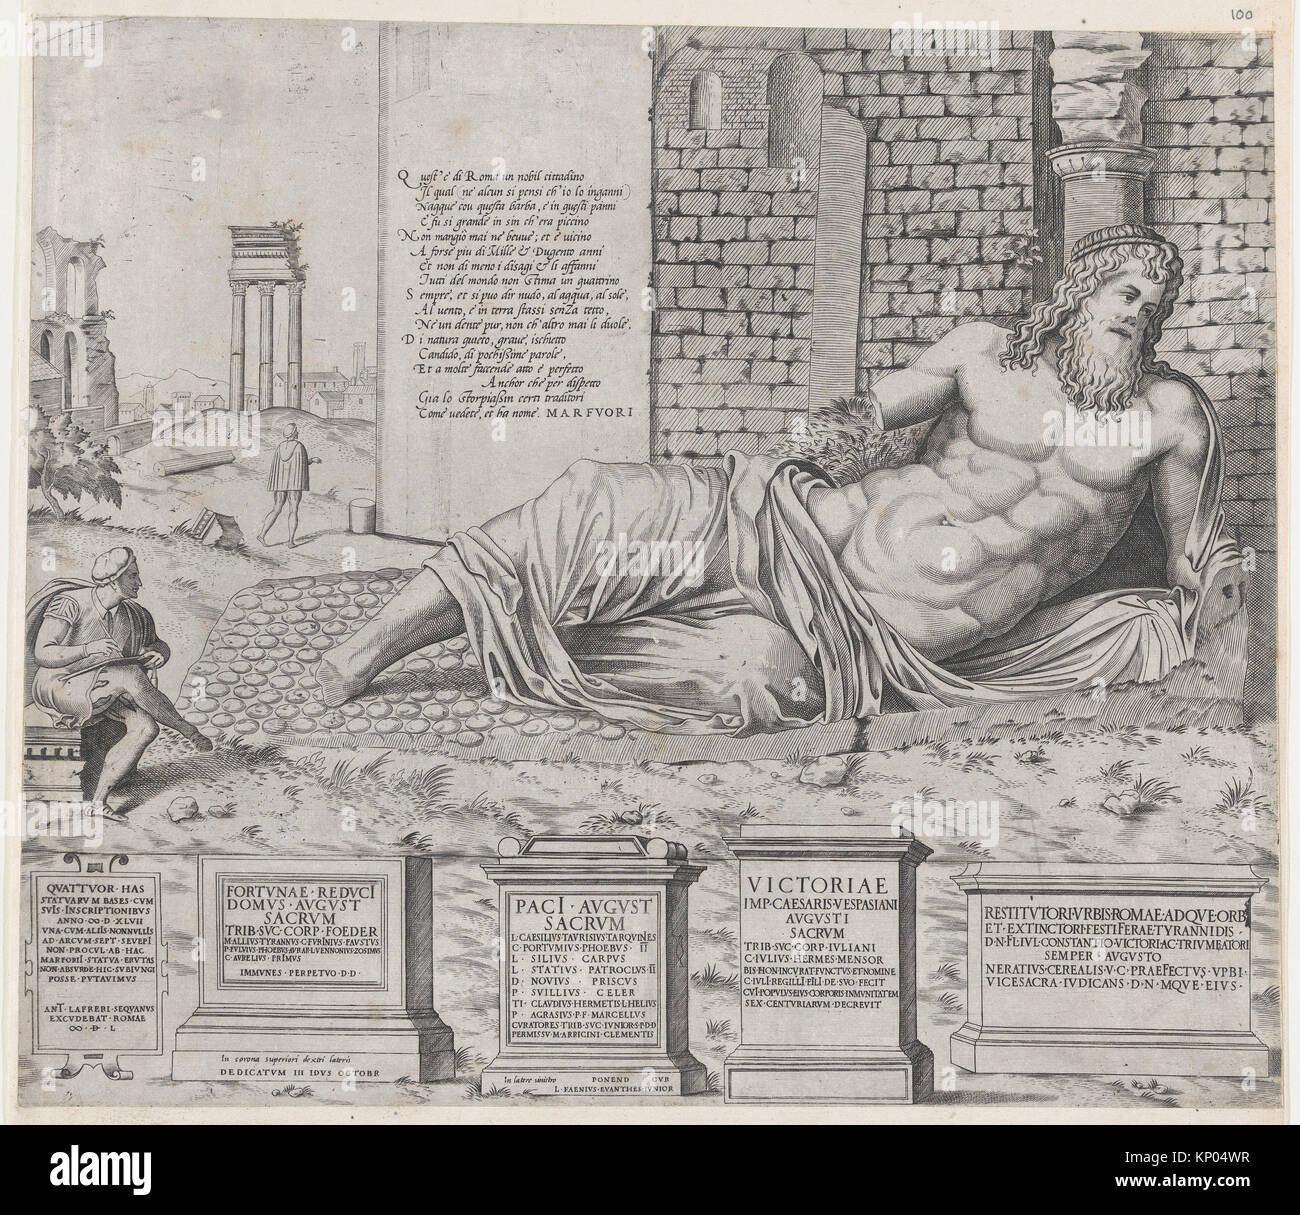 Speculum Romanae Magnificentiae: Marforius. Series/Portfolio: Speculum Romanae Magnificentiae; Artist: Attributed - Stock Image